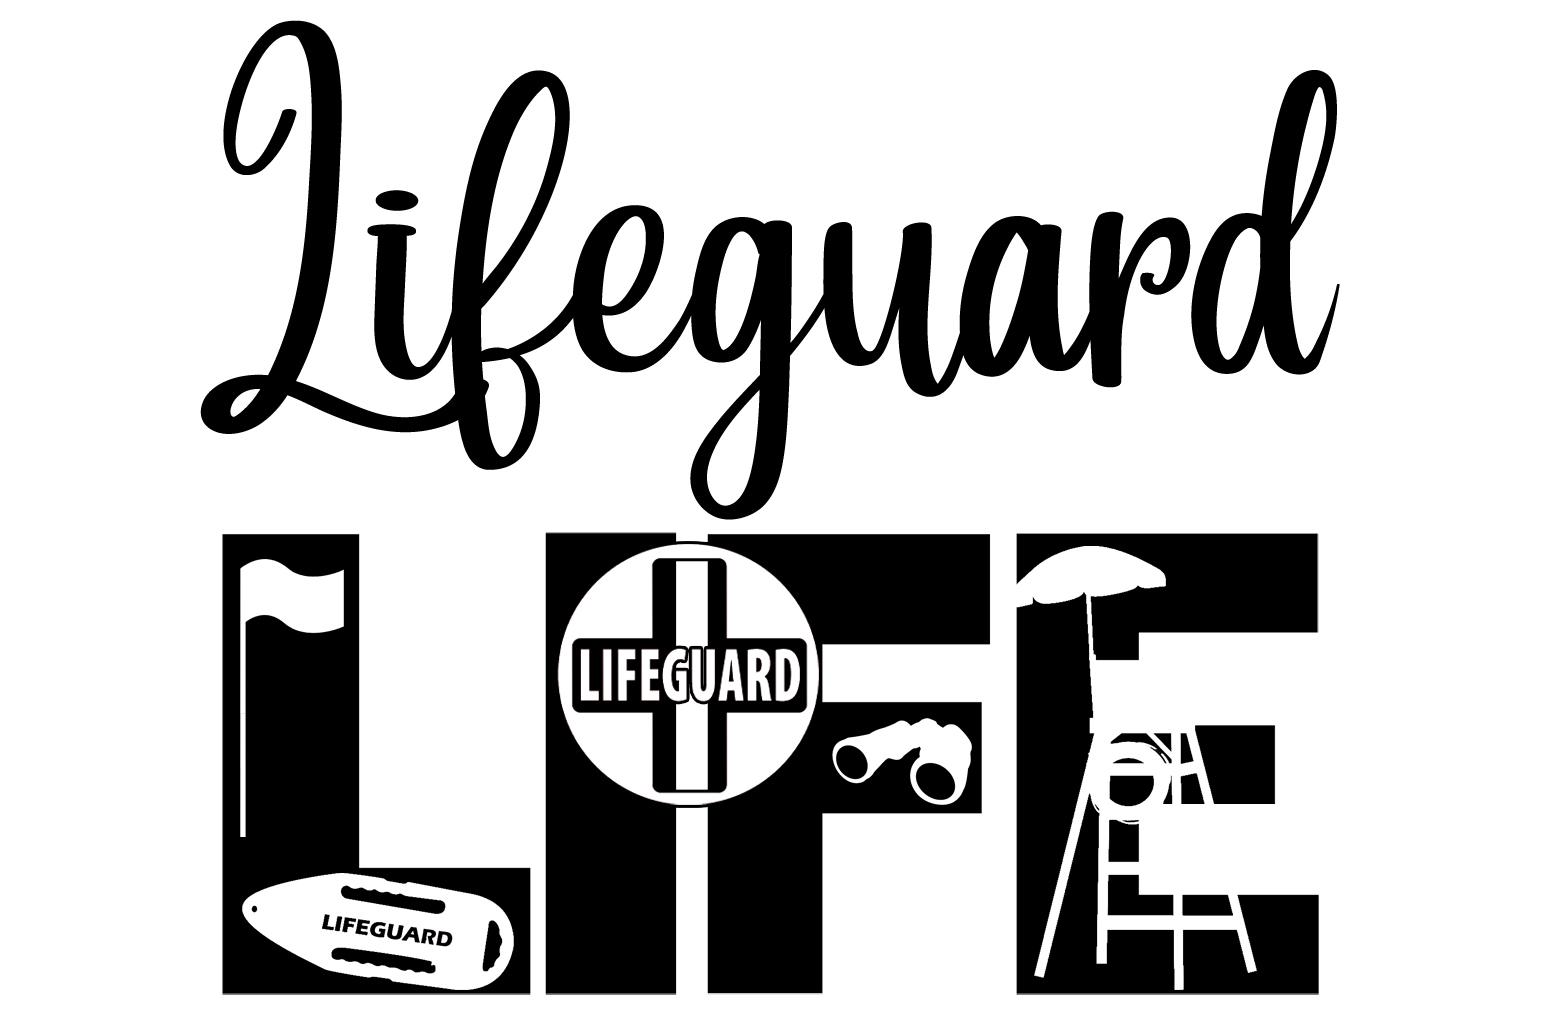 Free Lifeguard SVG File